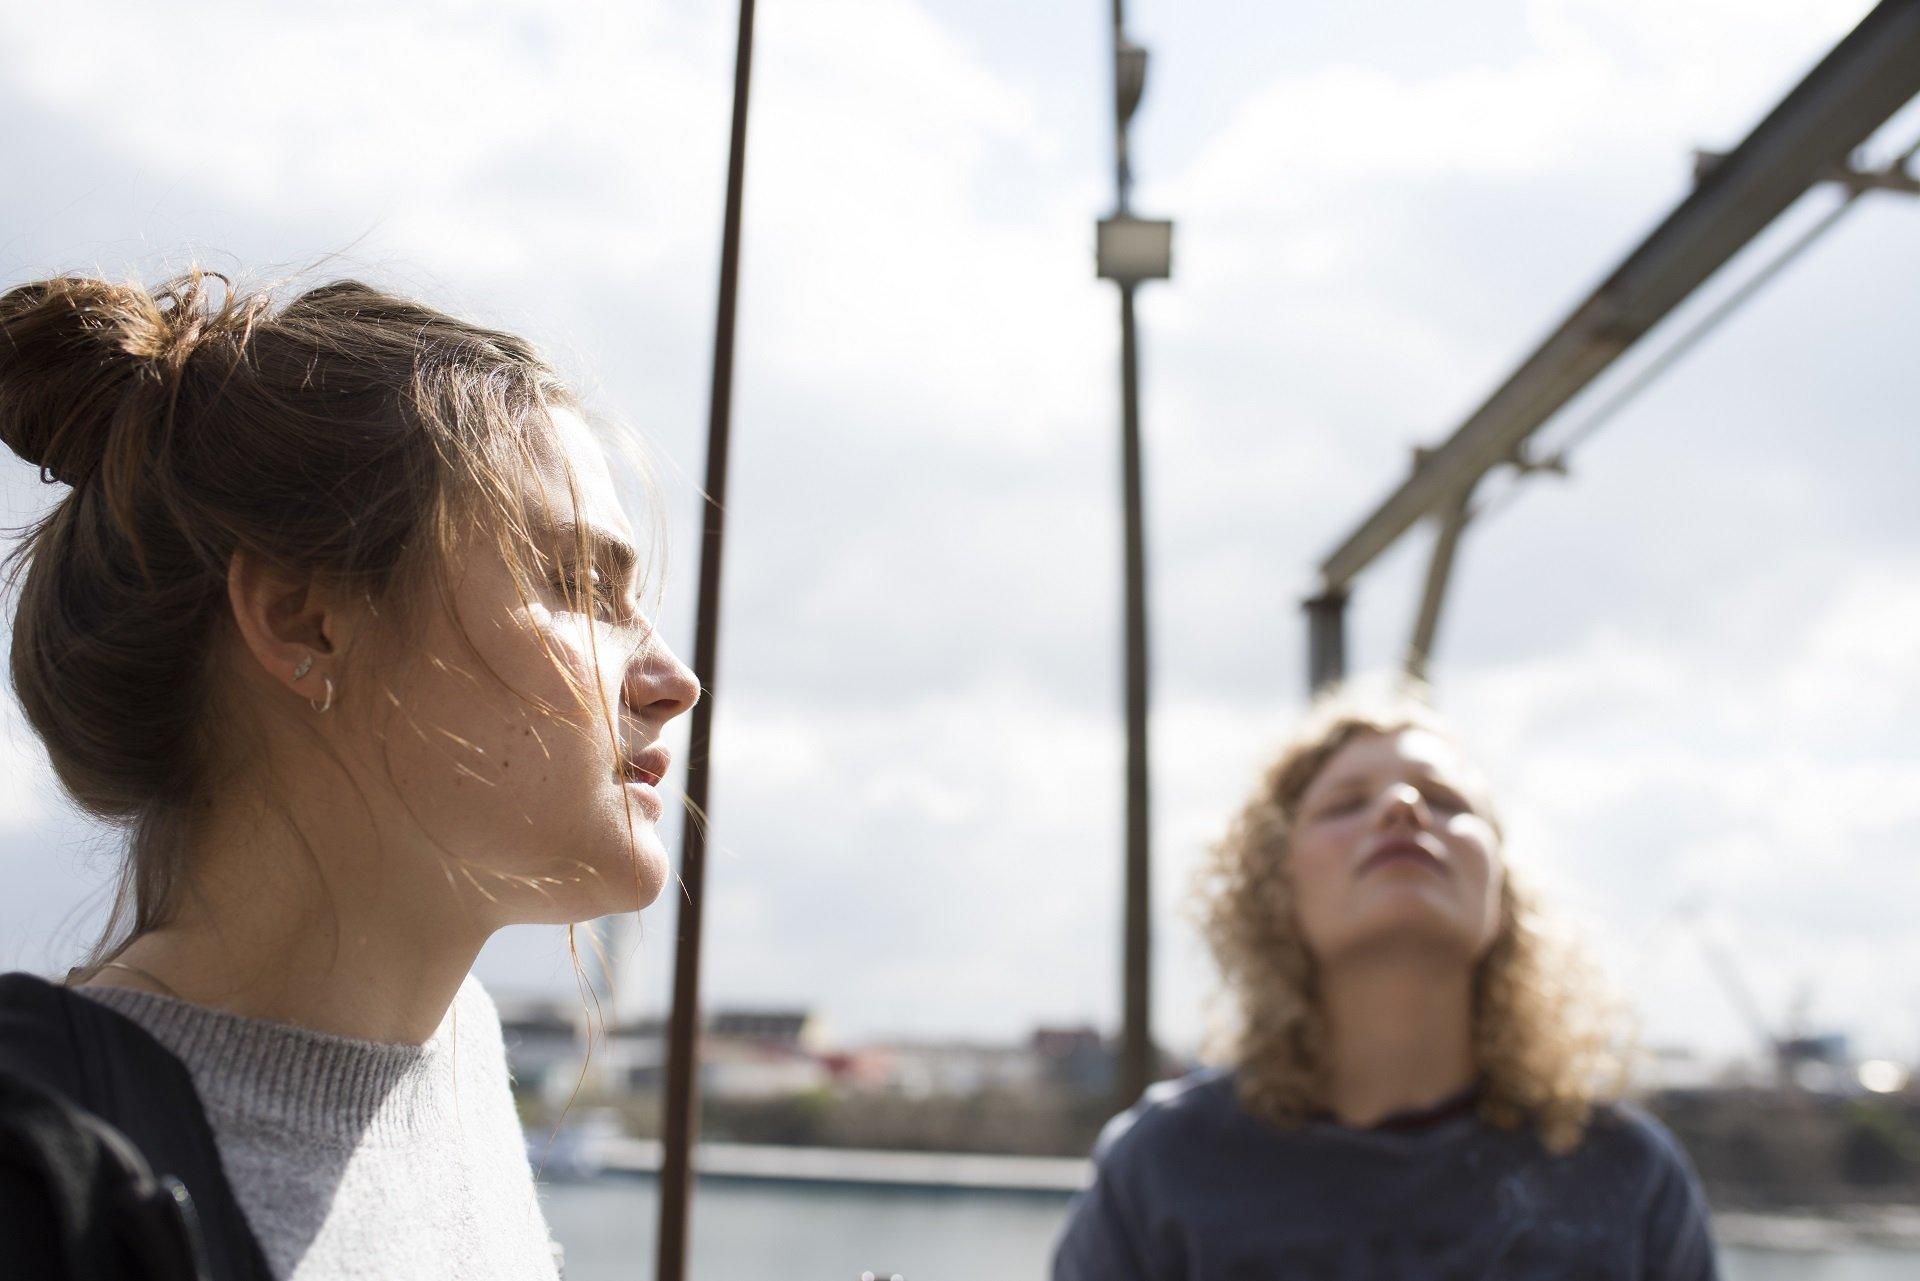 And Tomorrow the Entire World: recensione del film di Julia von Heinz